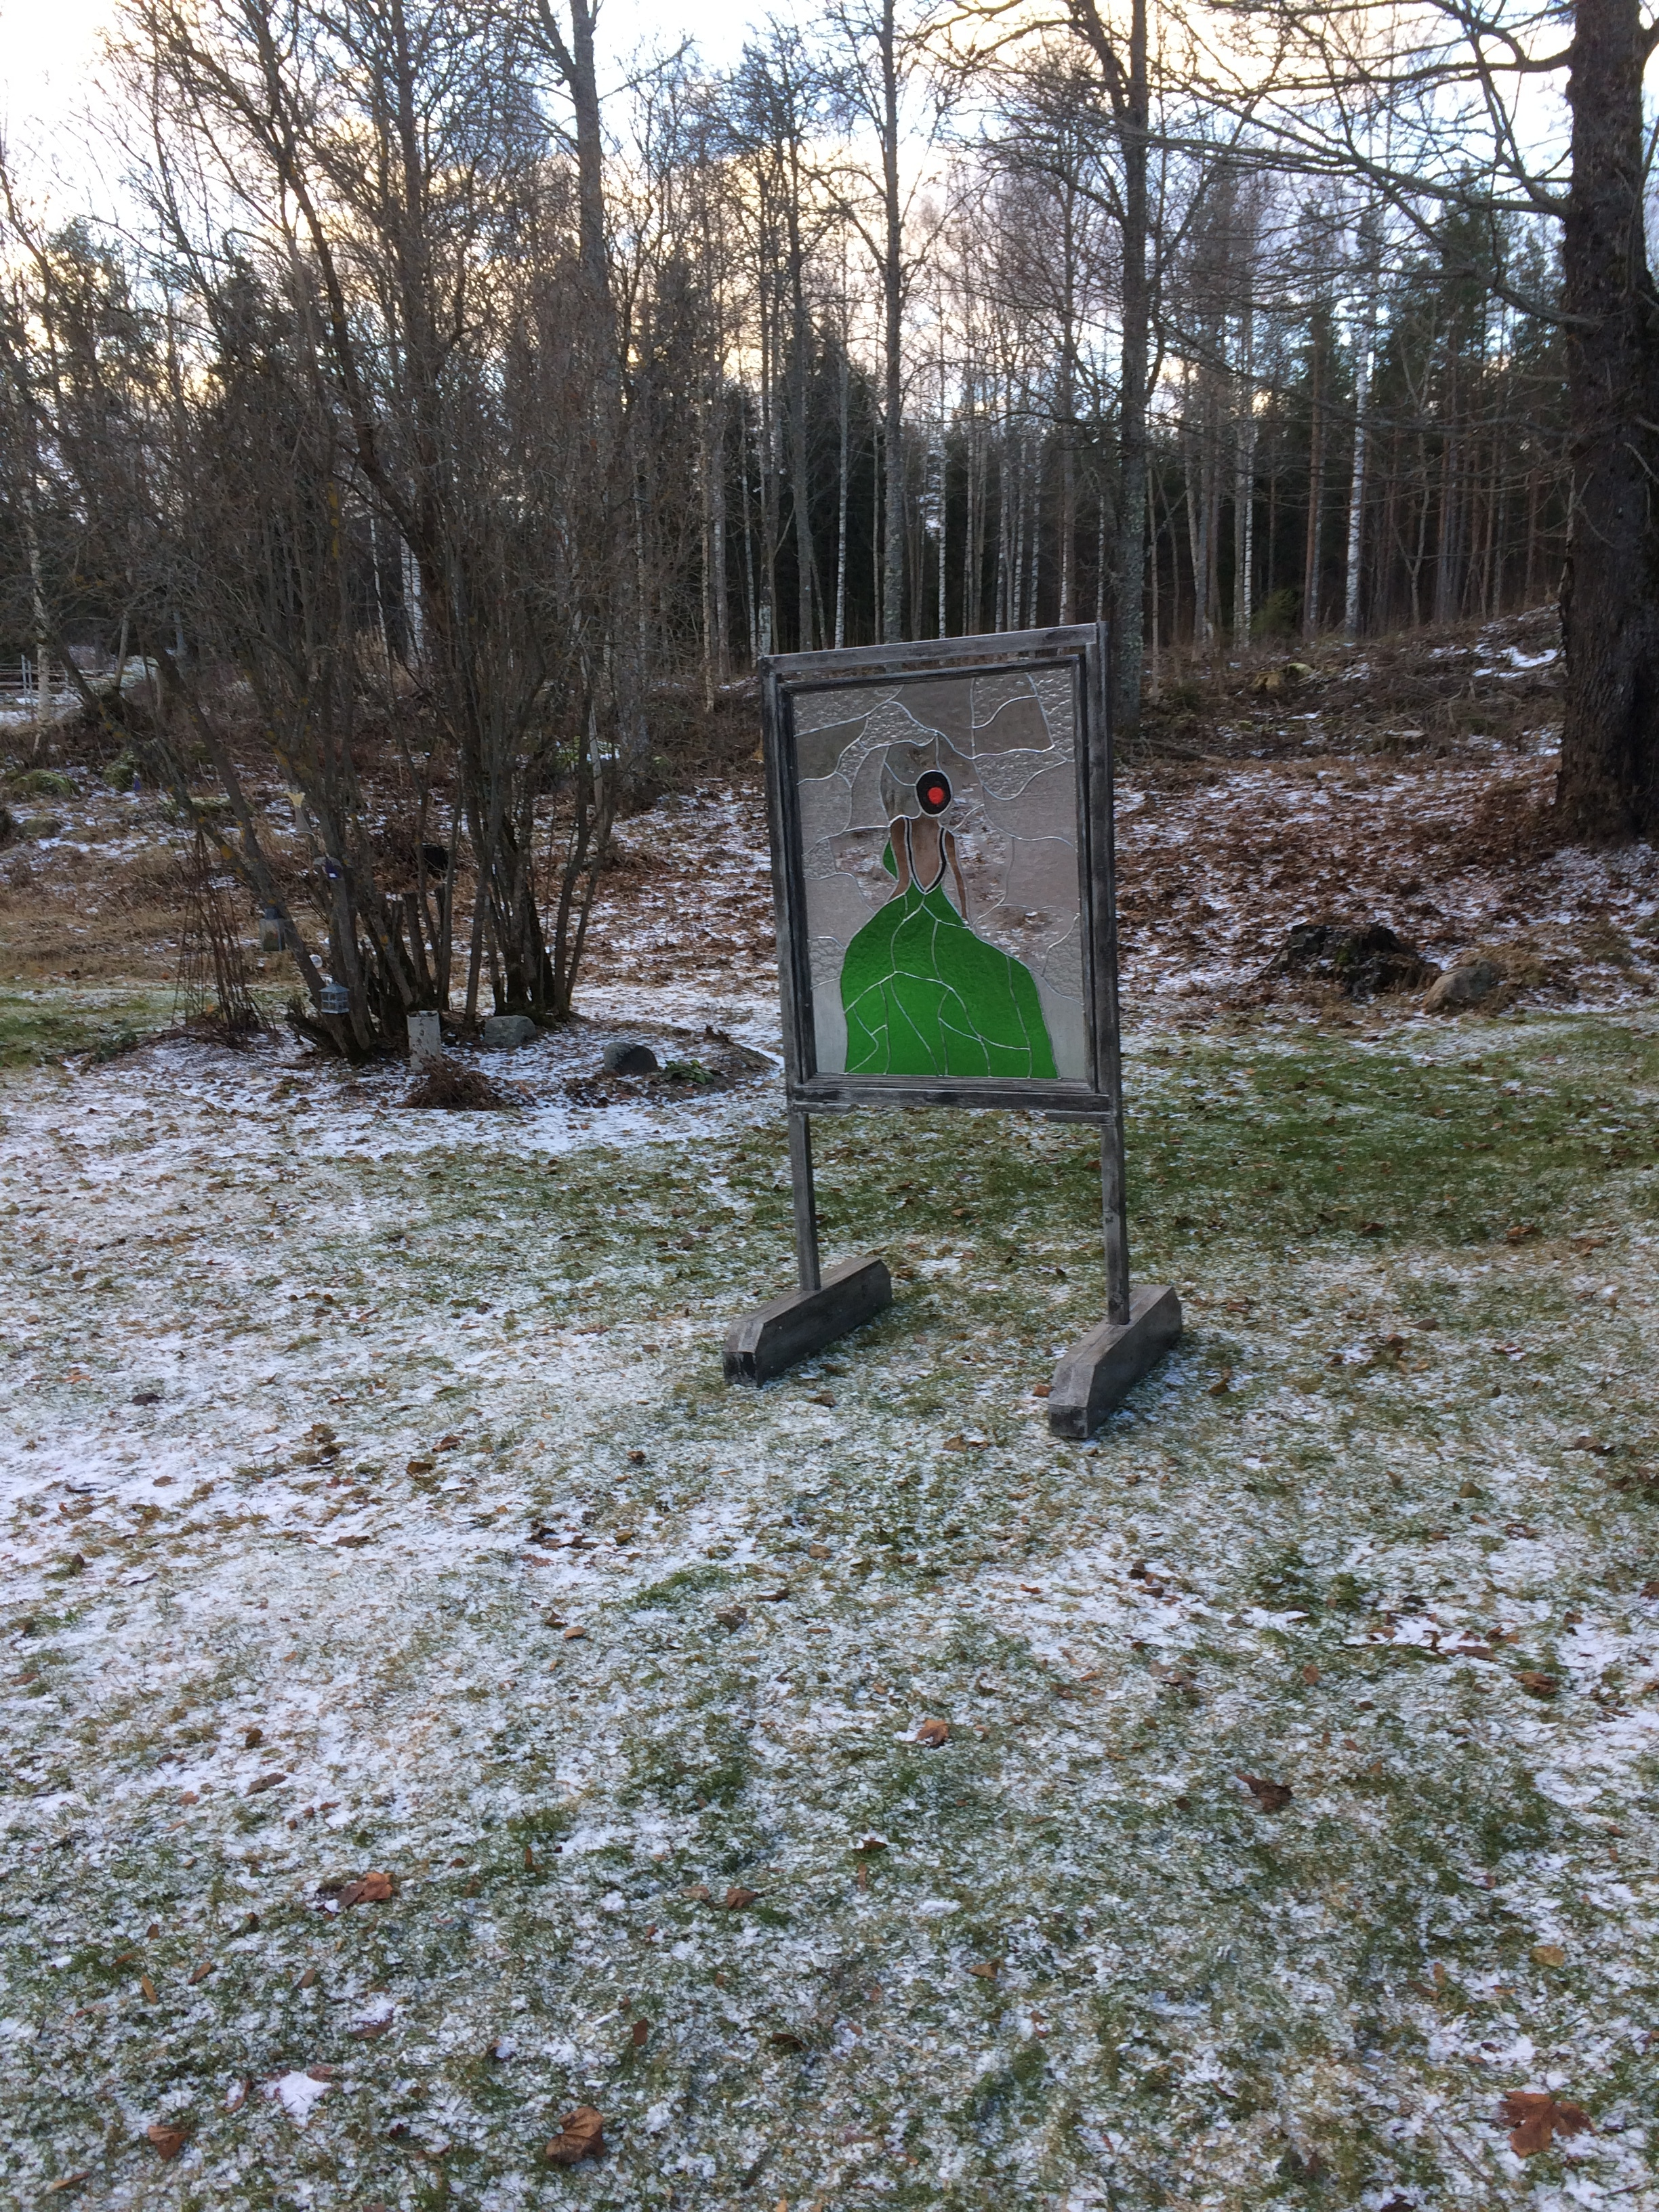 Matts Olof Nord ställer ut denna tavla  i glaskonst till försäljning på Midvinterglöd 10 december i Jättendal